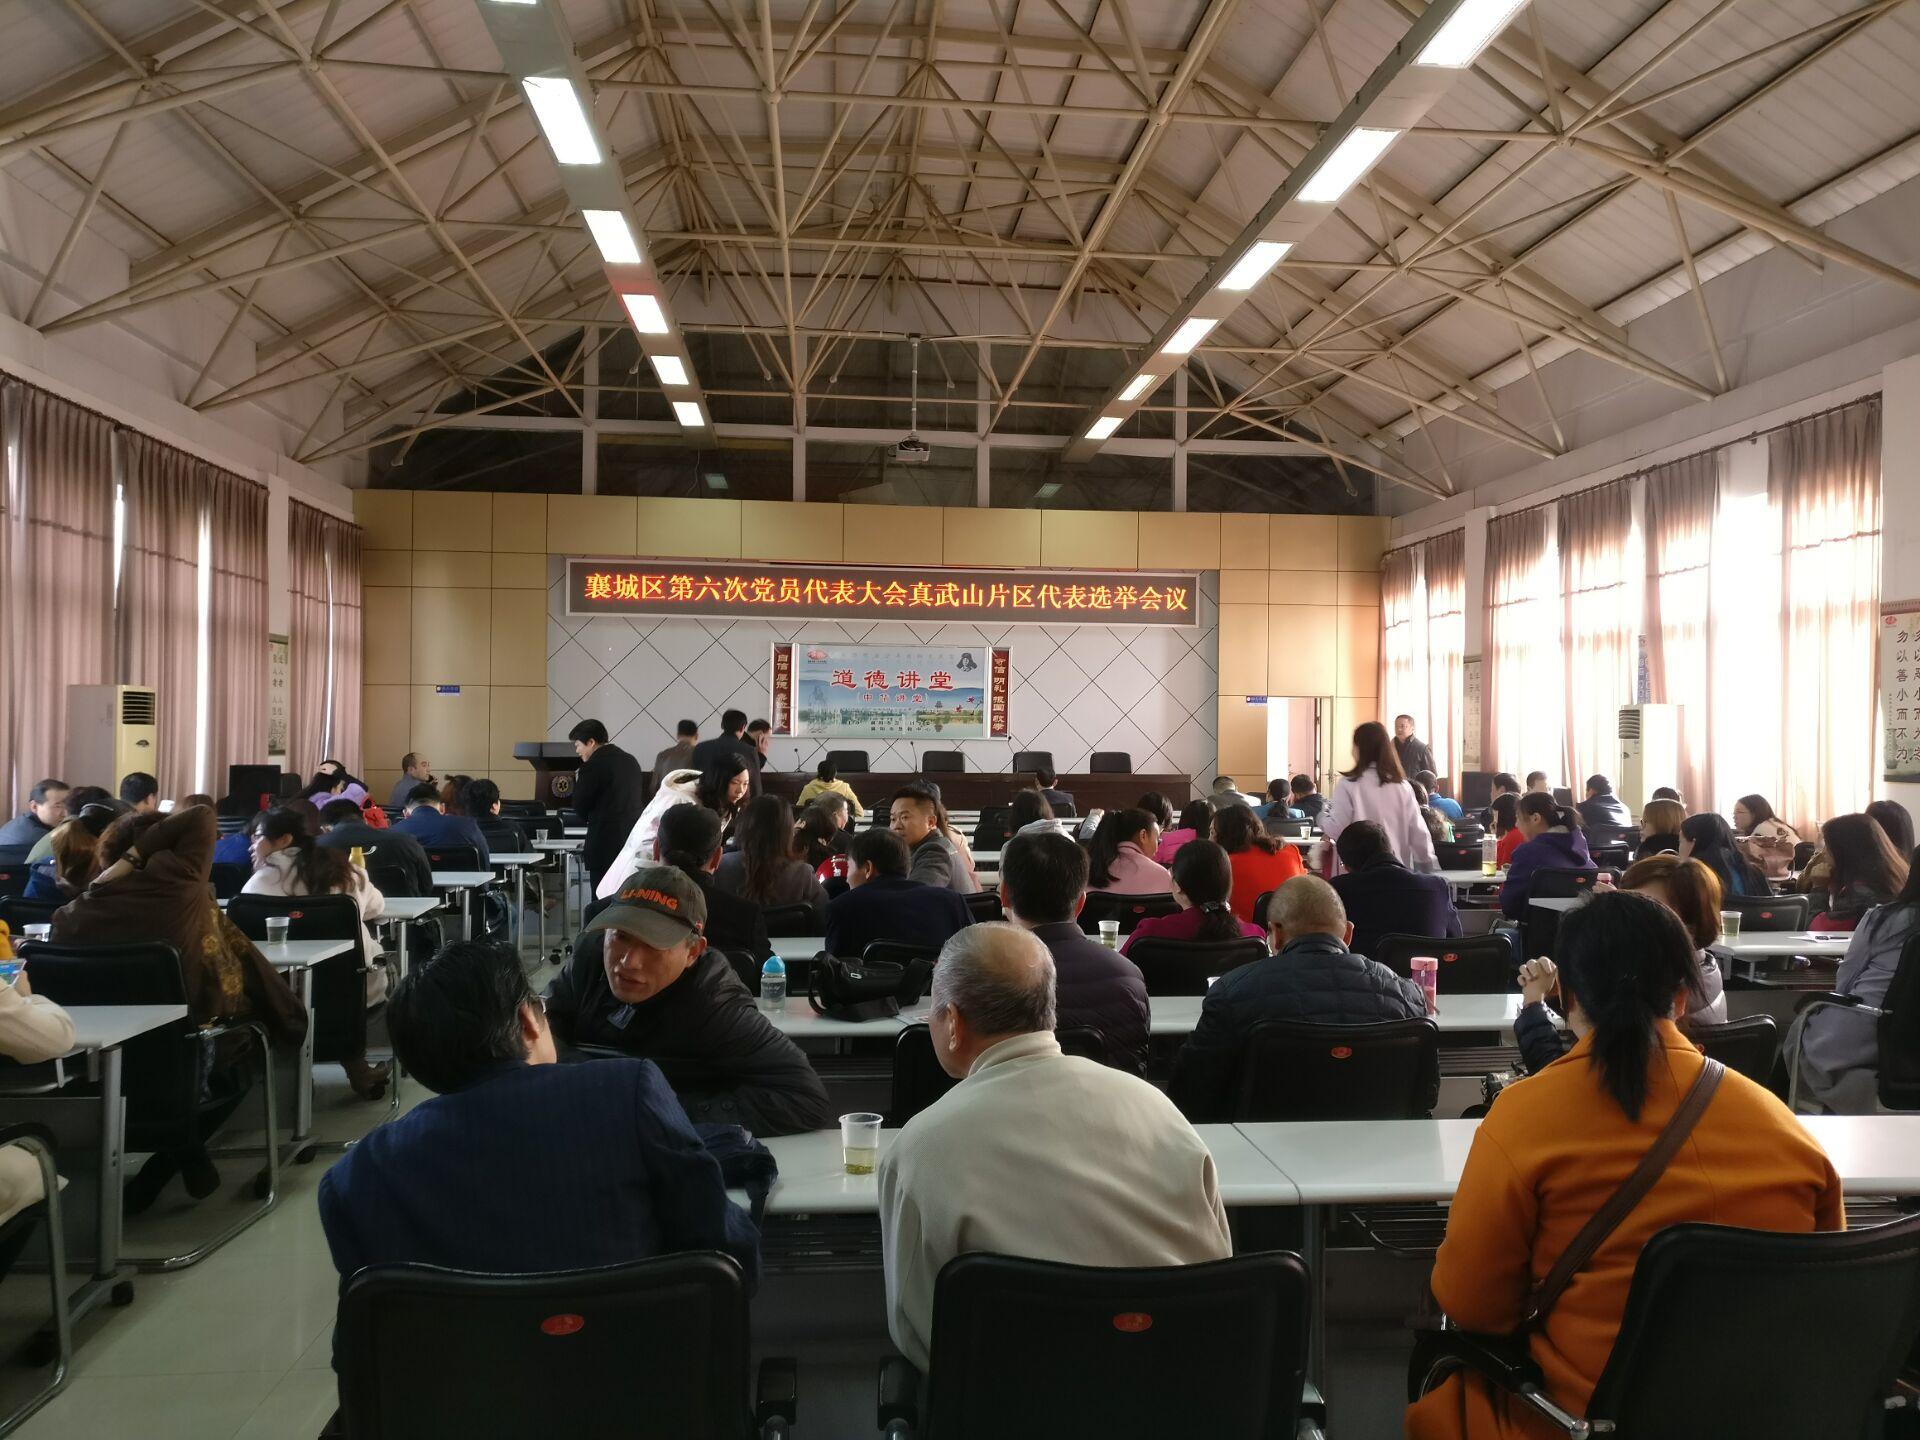 襄城区党员代表大会真武山片区选举会议召开